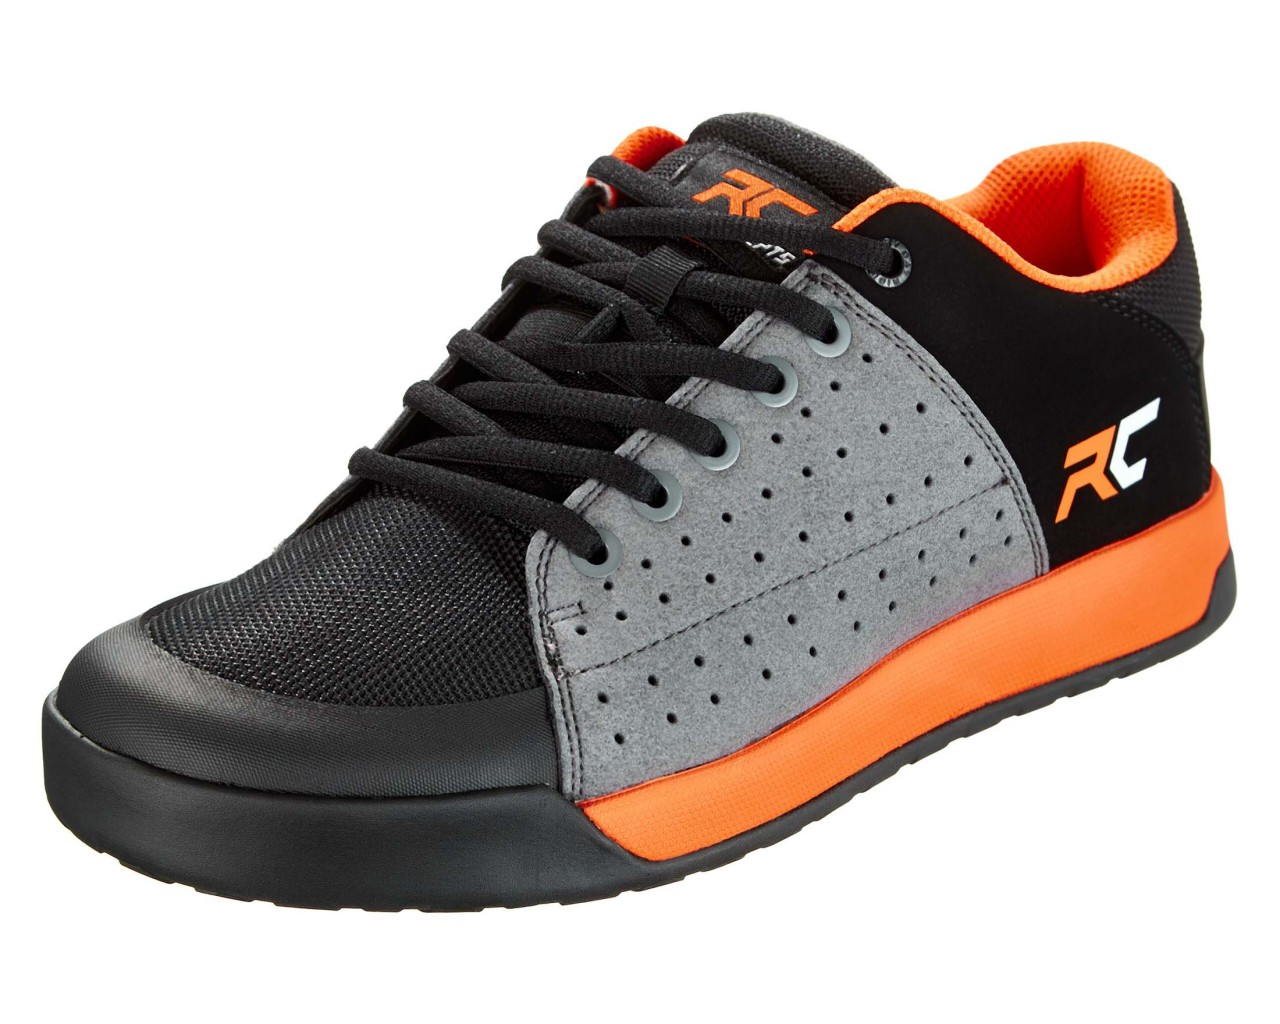 Ride Concepts Livewire MTB-Shoes | charcoal-orange